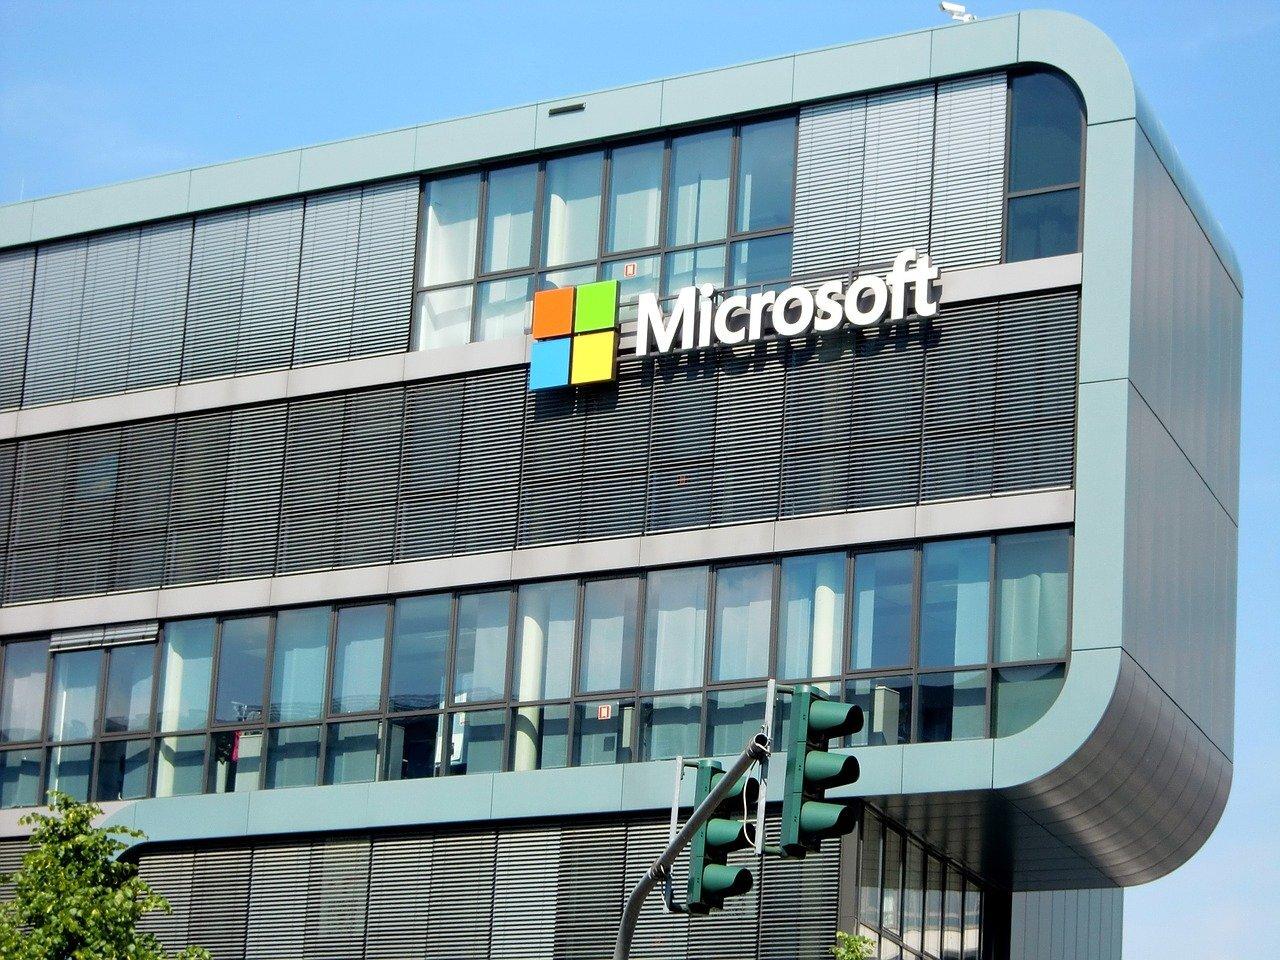 Уязвимость Microsoft назвали причиной глобального кризиса